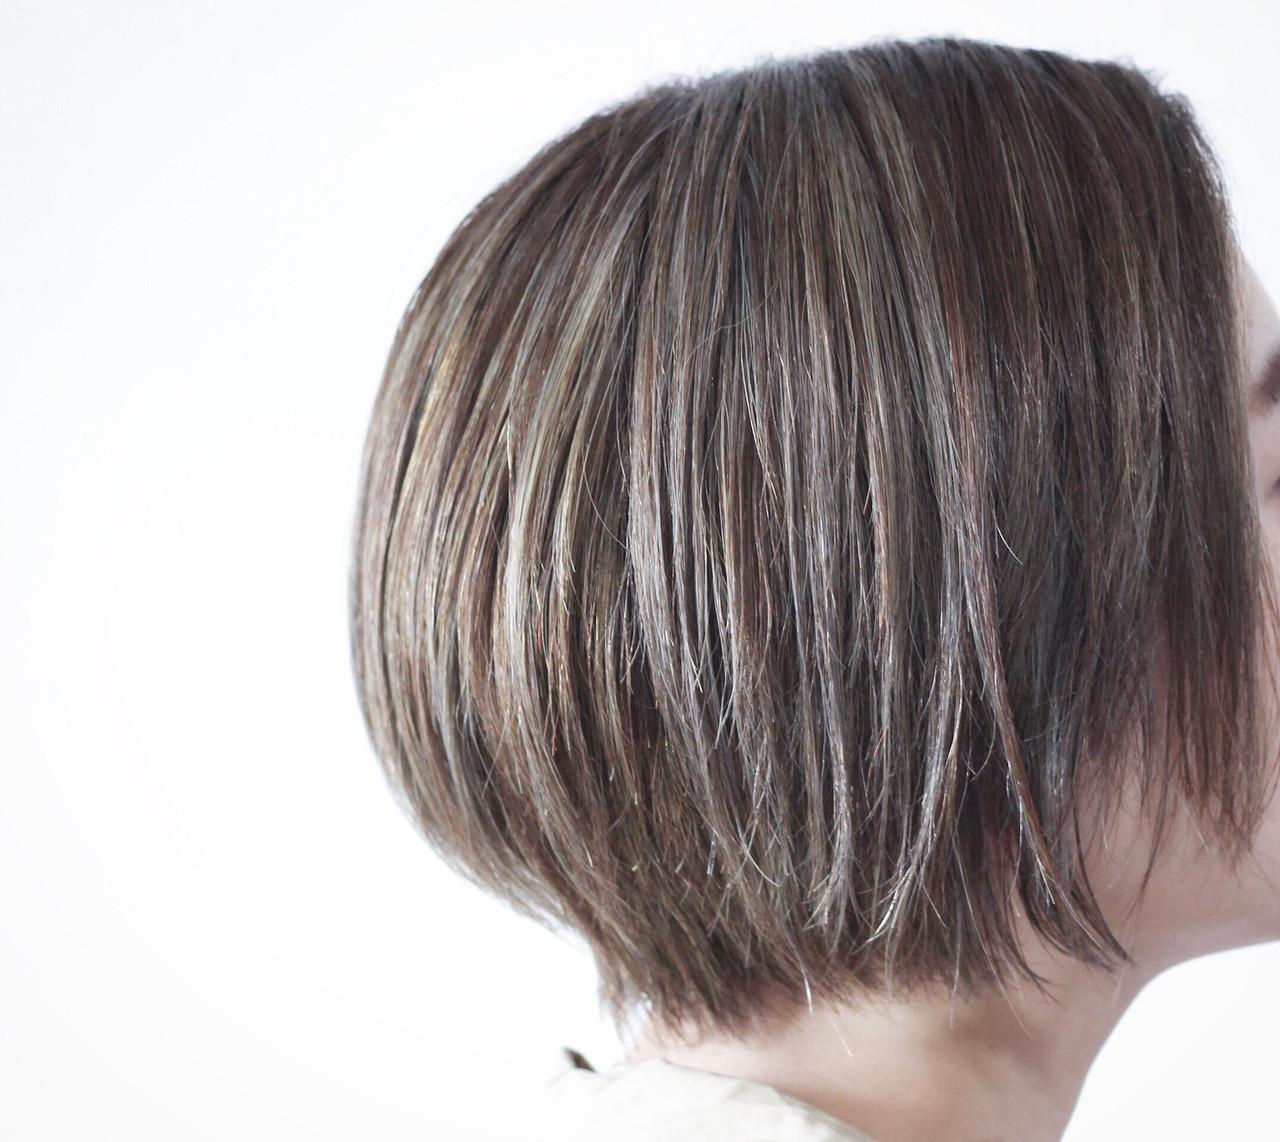 ショート グレージュ コントラストハイライト ナチュラル ヘアスタイルや髪型の写真・画像 | creap / creap